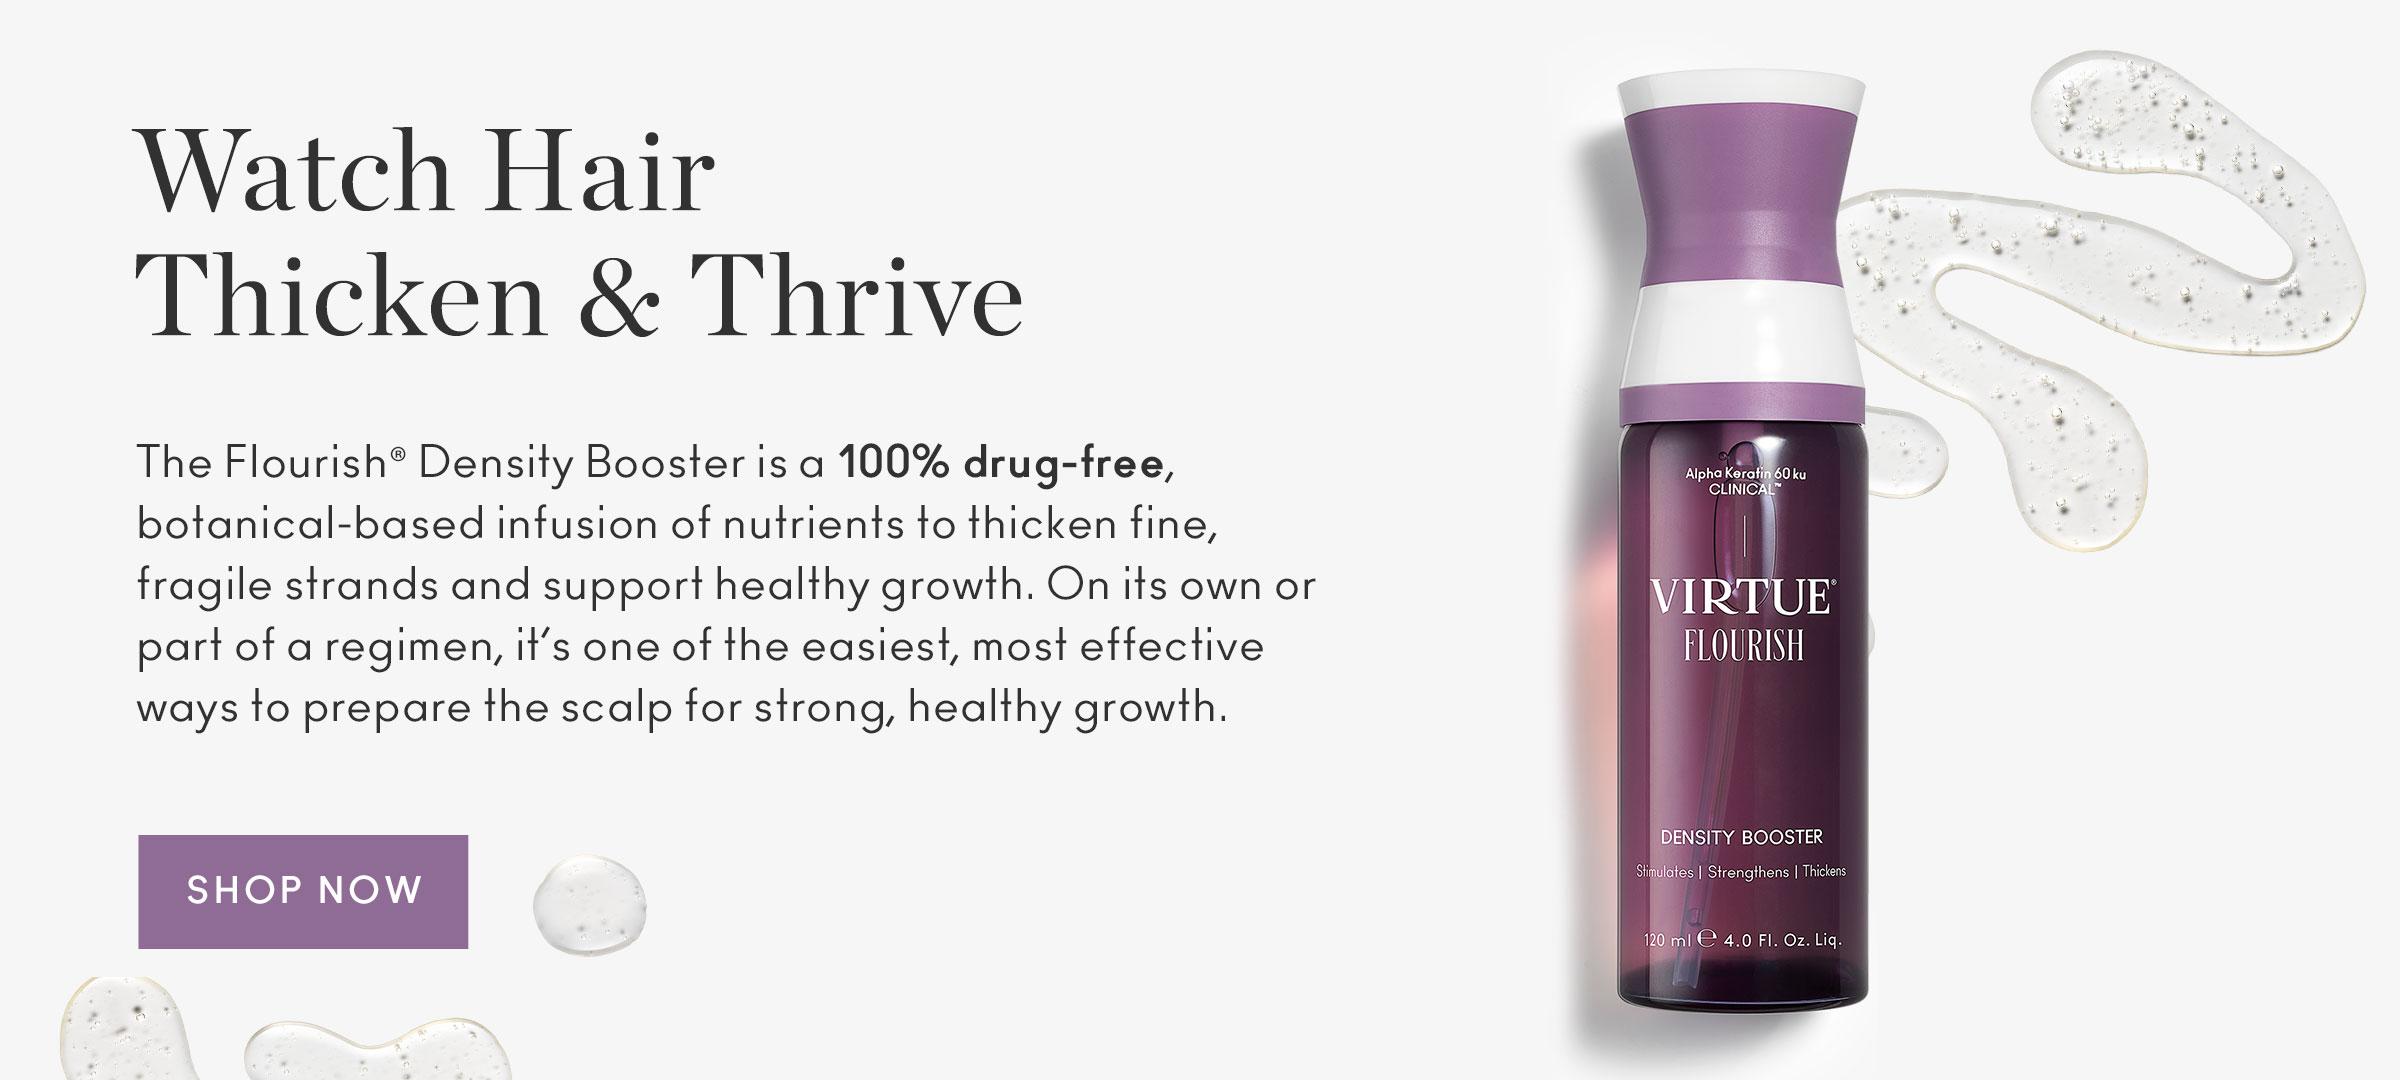 Watch Hair Thicken & Thrive